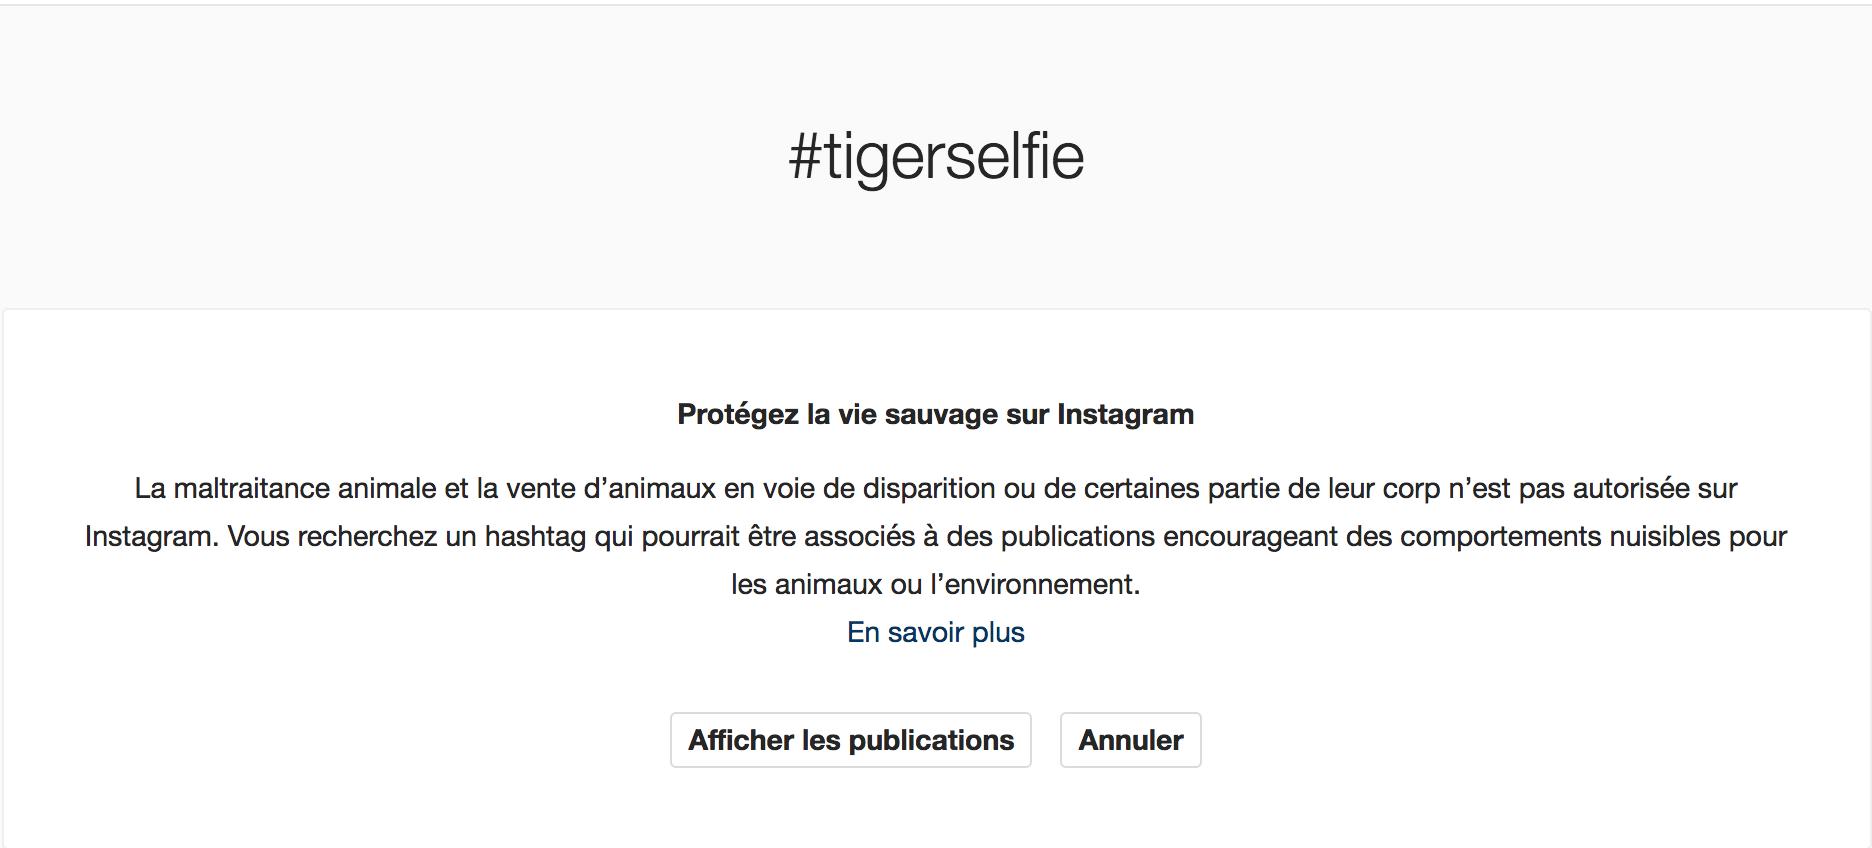 instagram s'engage pour la cause animale